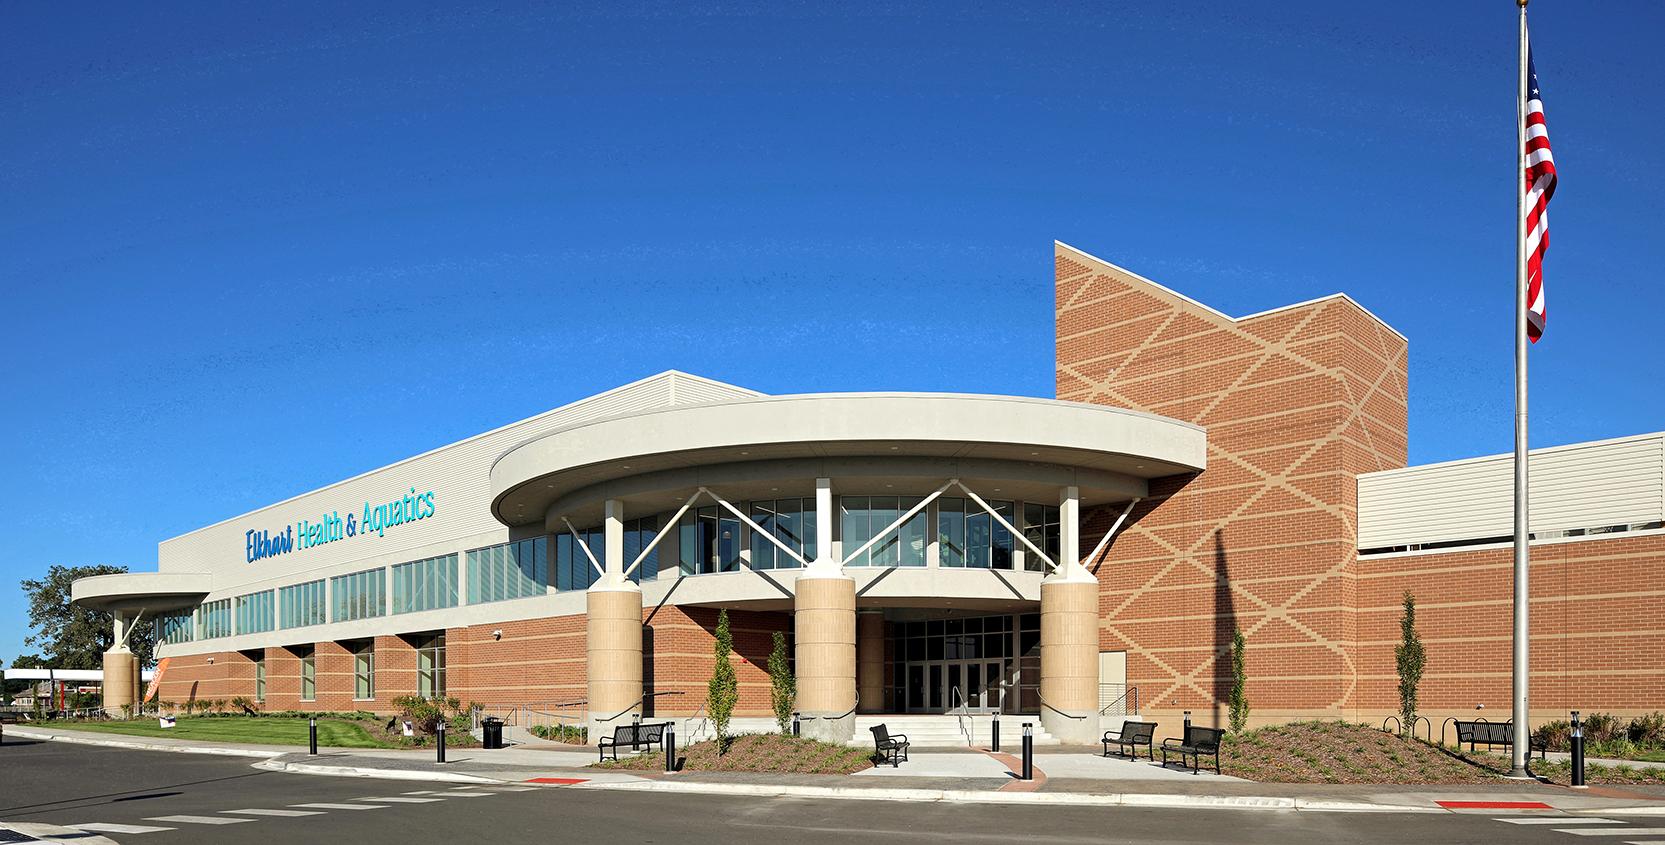 Elkhart_Community_Center-1-1665x845